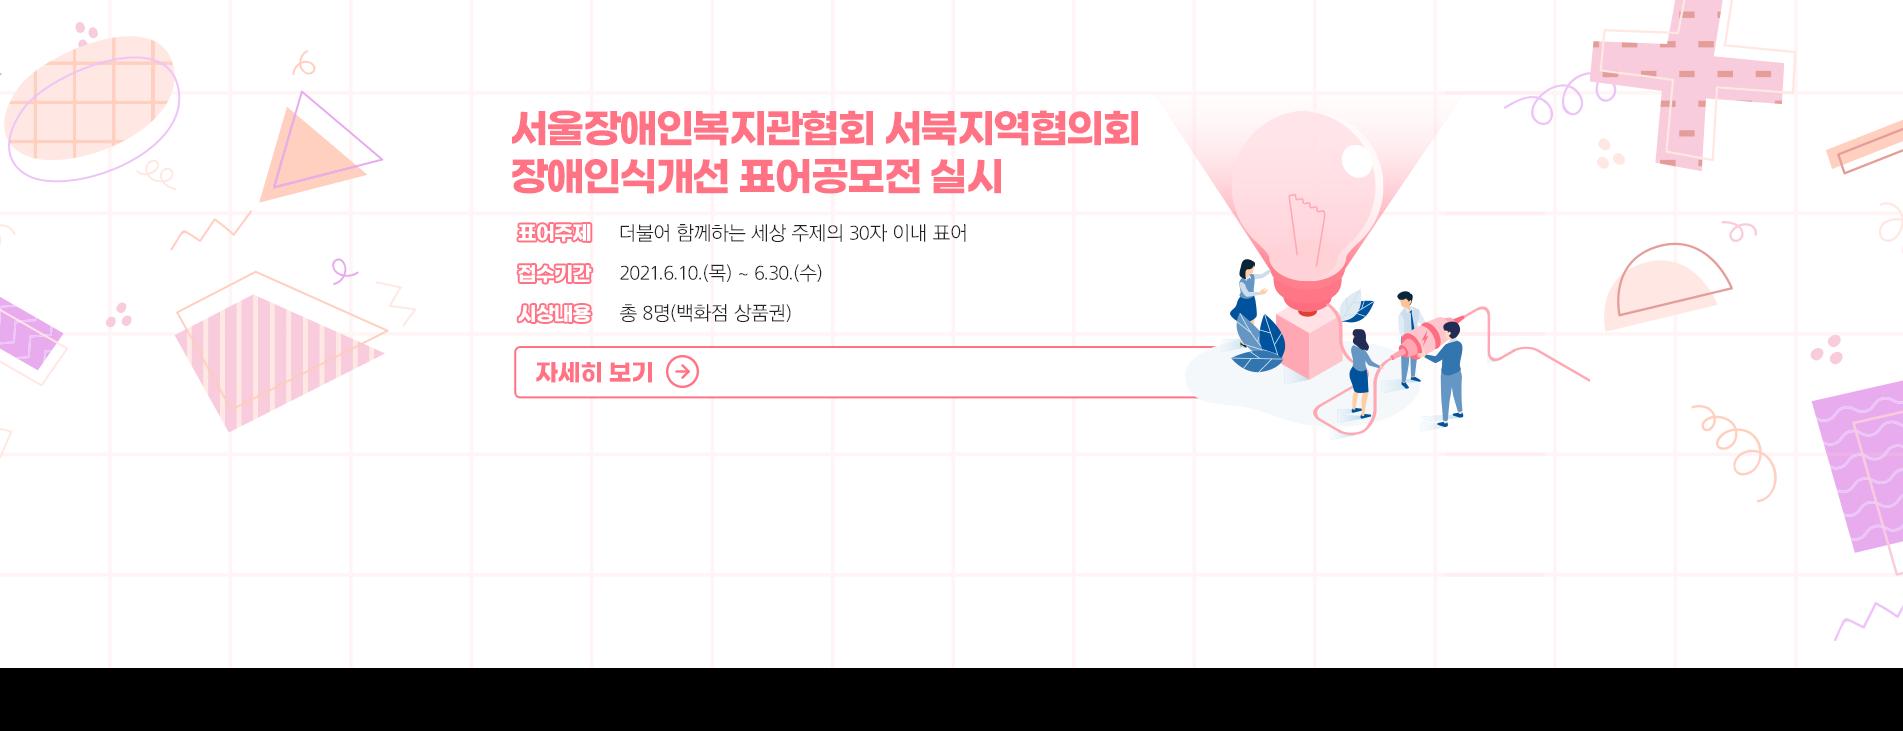 서울장애인복지관협회 서북지역협의회 장애인식개선 표어공모전 실시